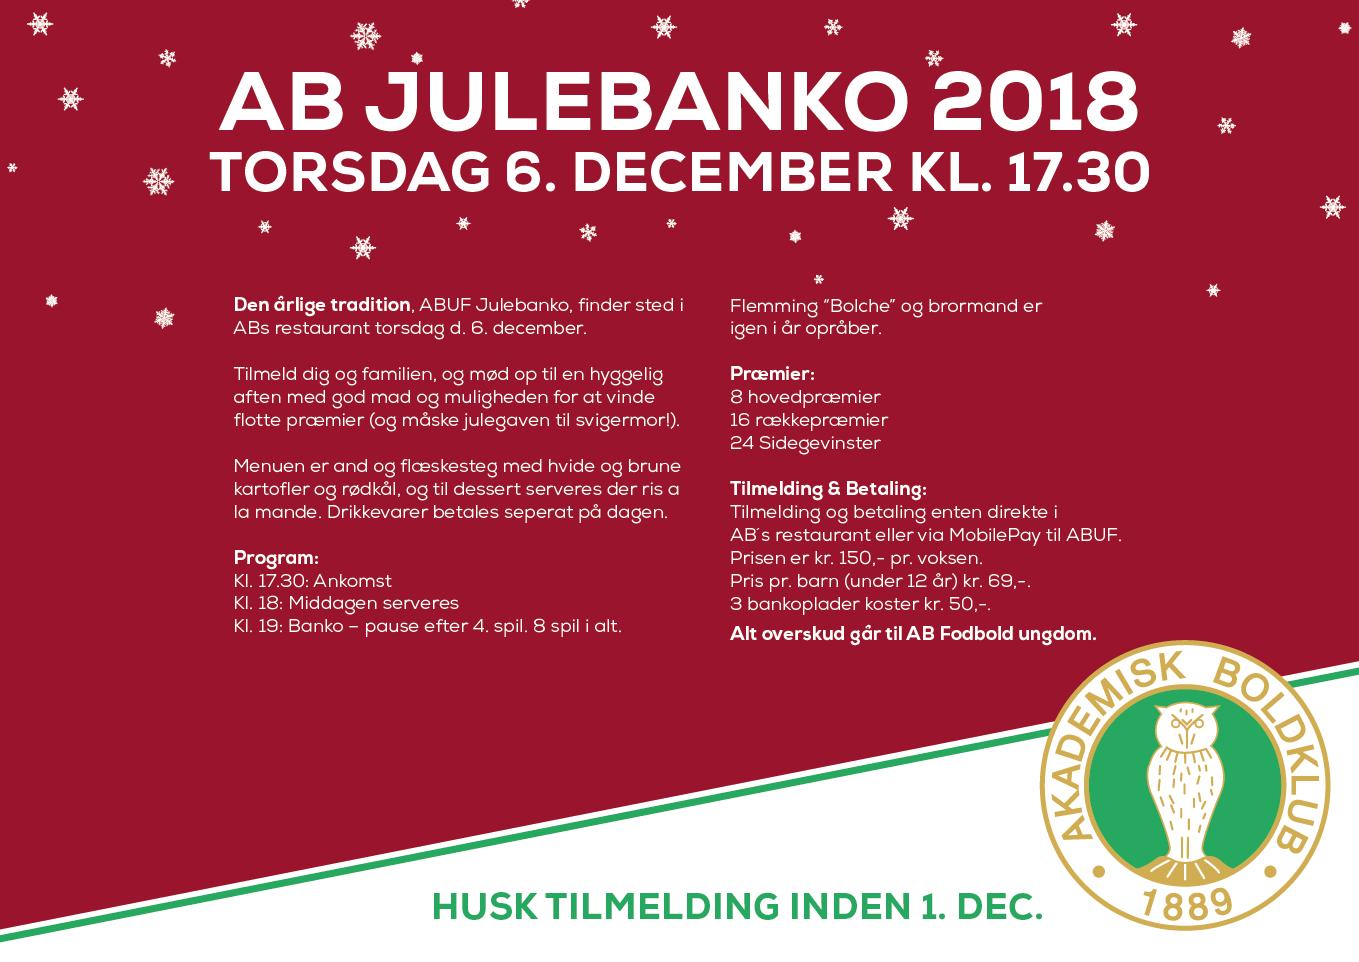 AB JULEBANKO 2018